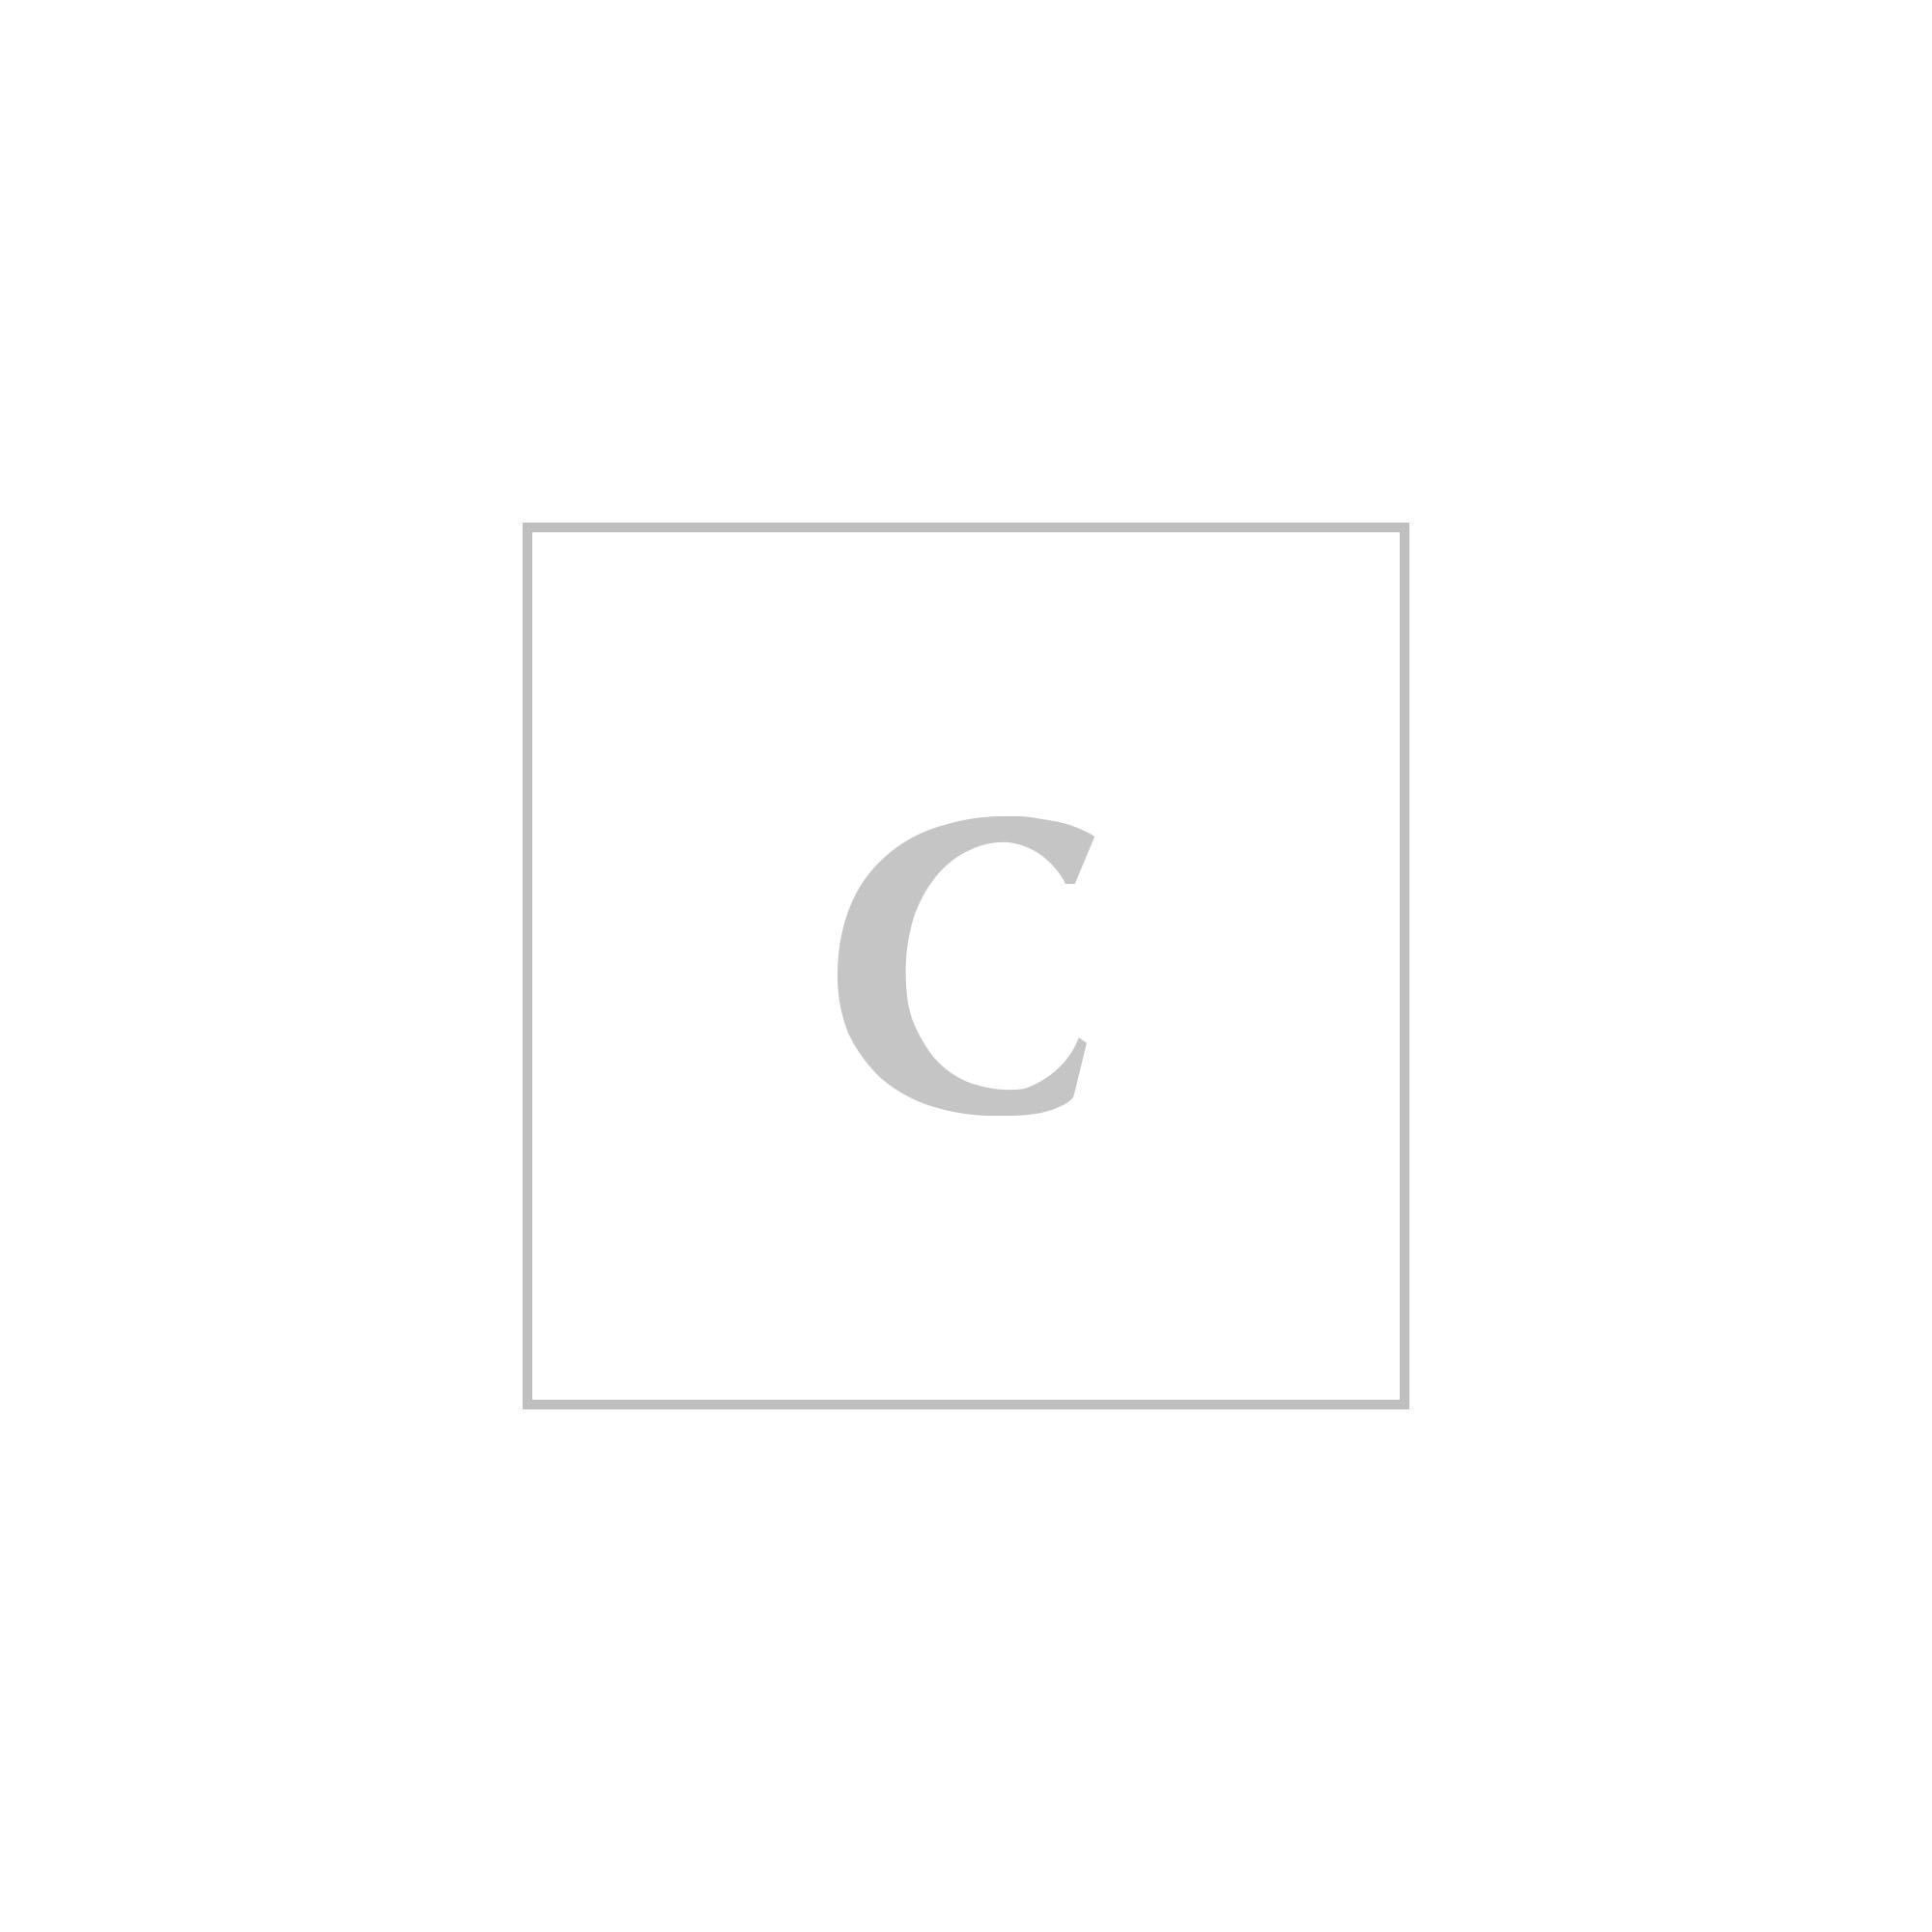 Moncler giubbotto lyon